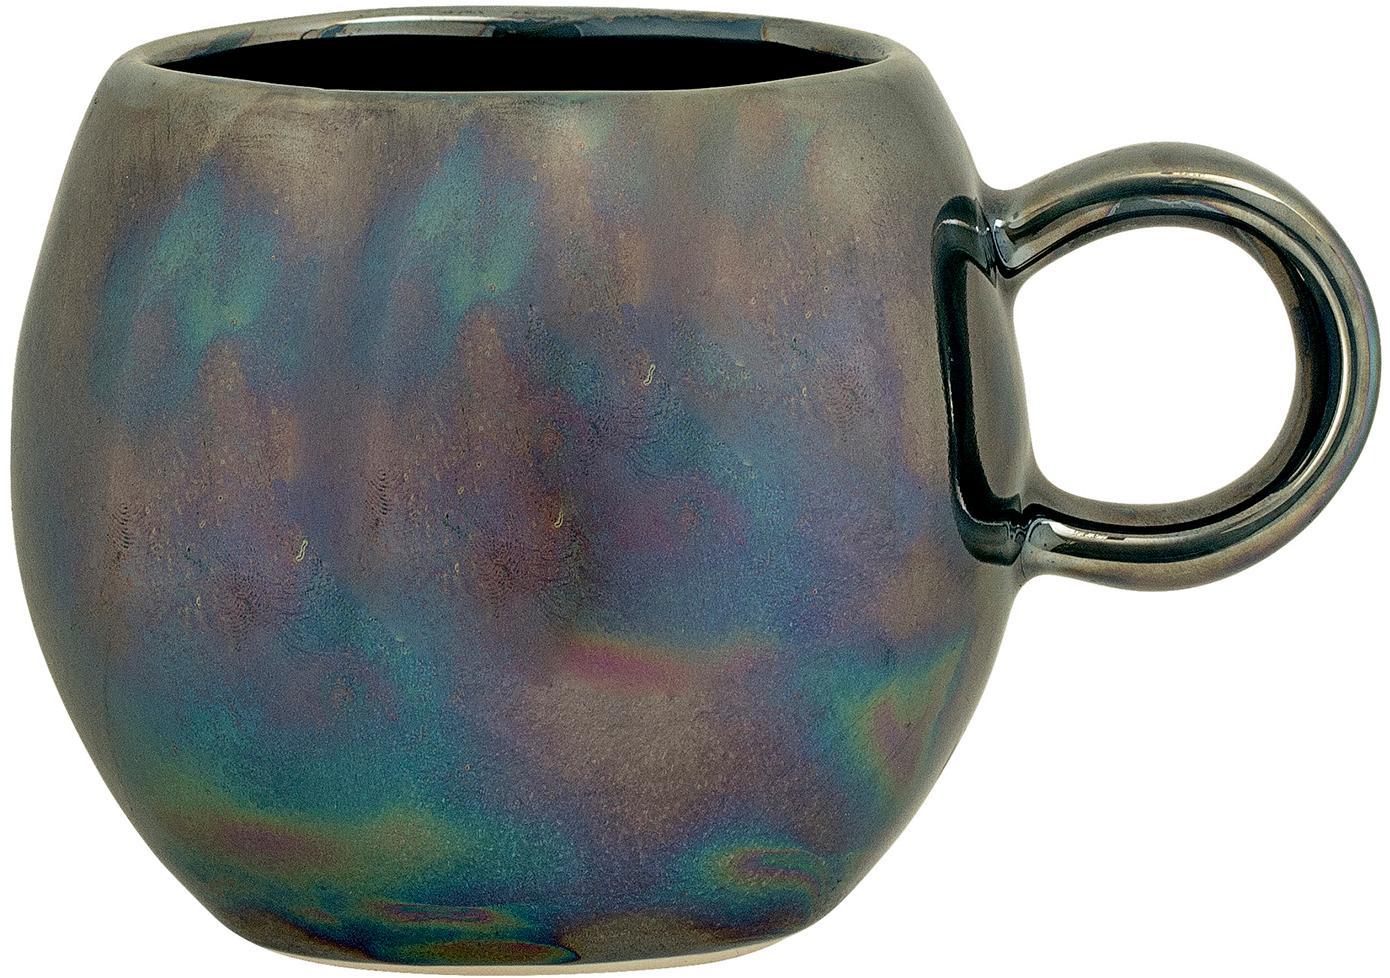 Kubek Paula, Ceramika, Odcienie niebieskiego, zielony, Ø 9 x W 8 cm